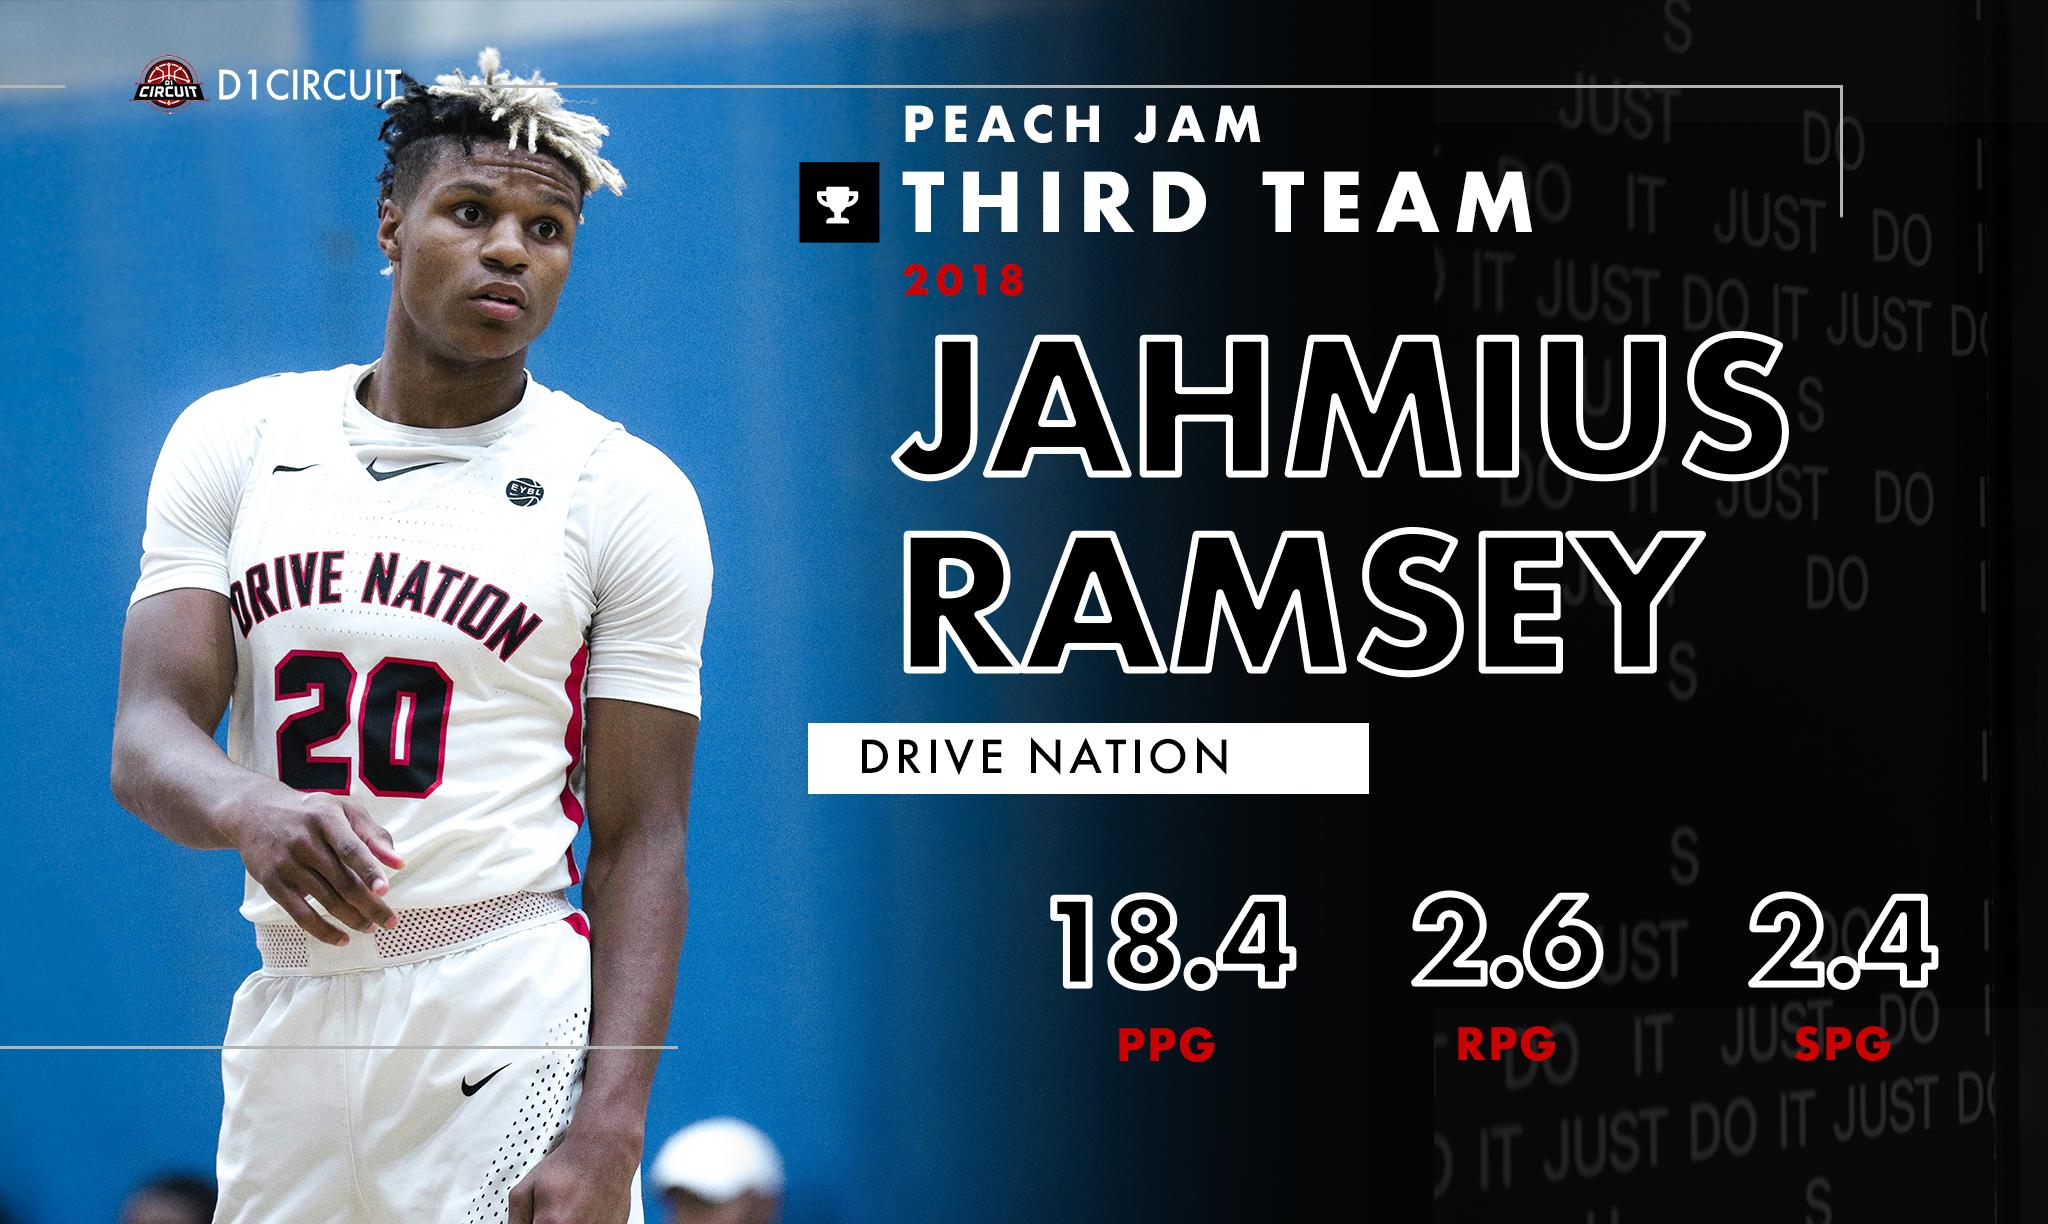 All-Peach Jam: Third Team